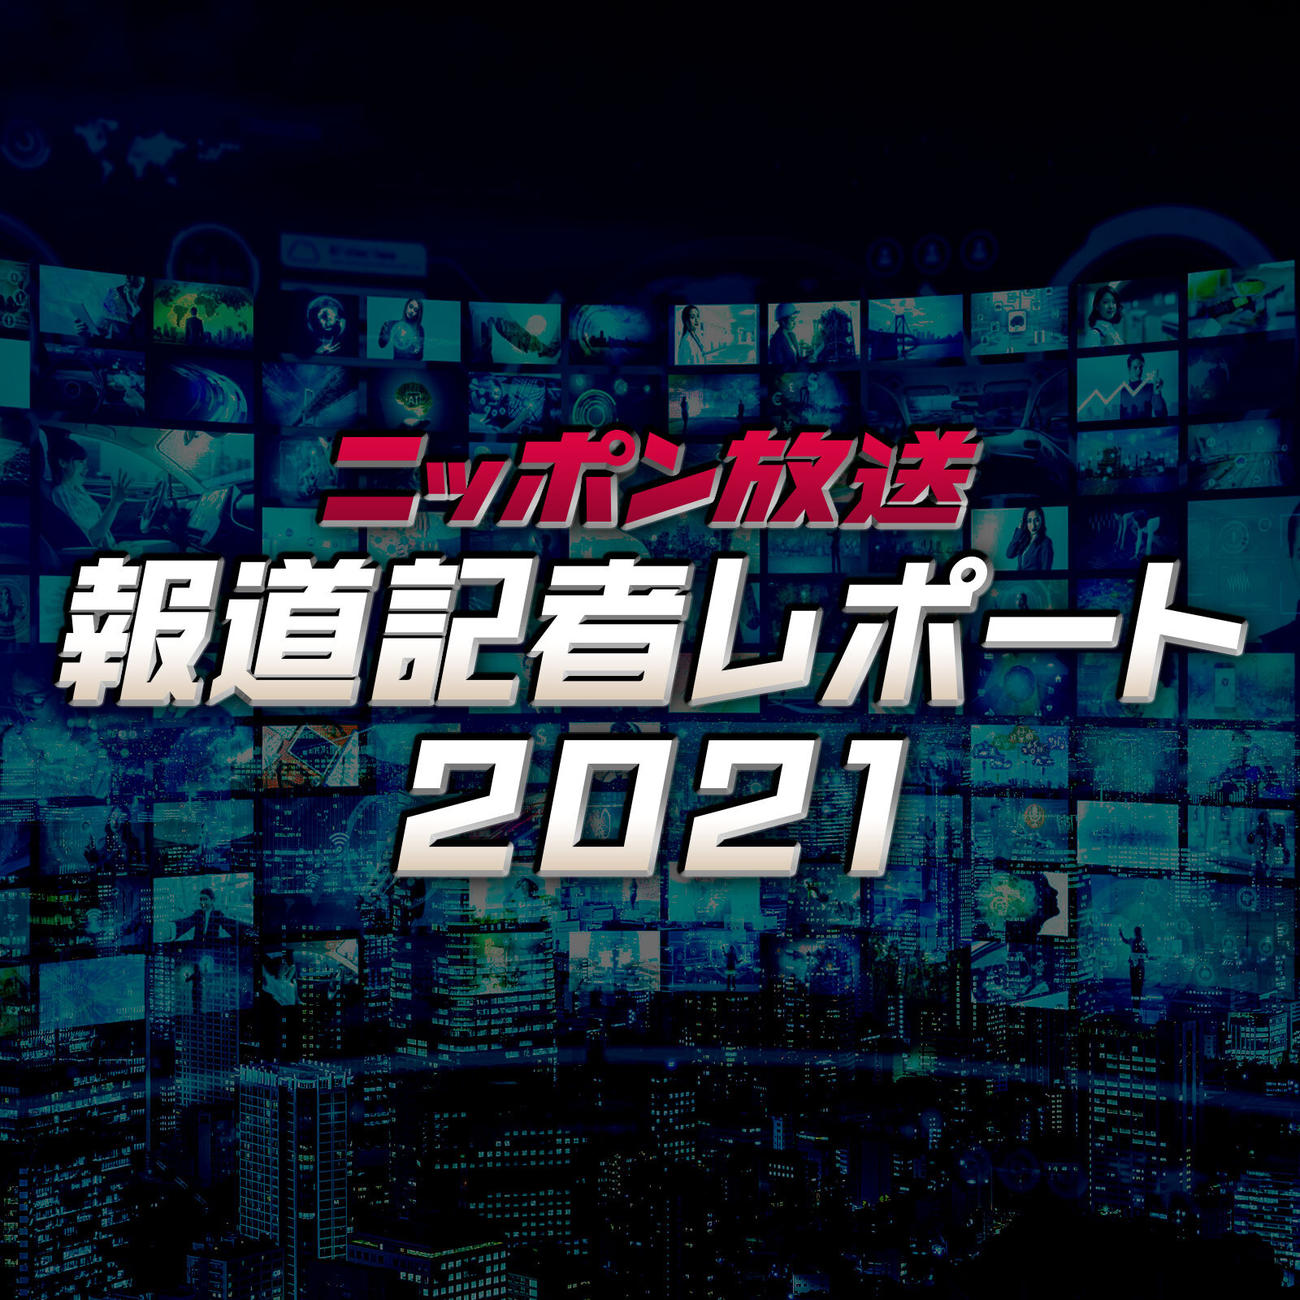 ニッポン放送のポッドキャスト新番組のロゴ